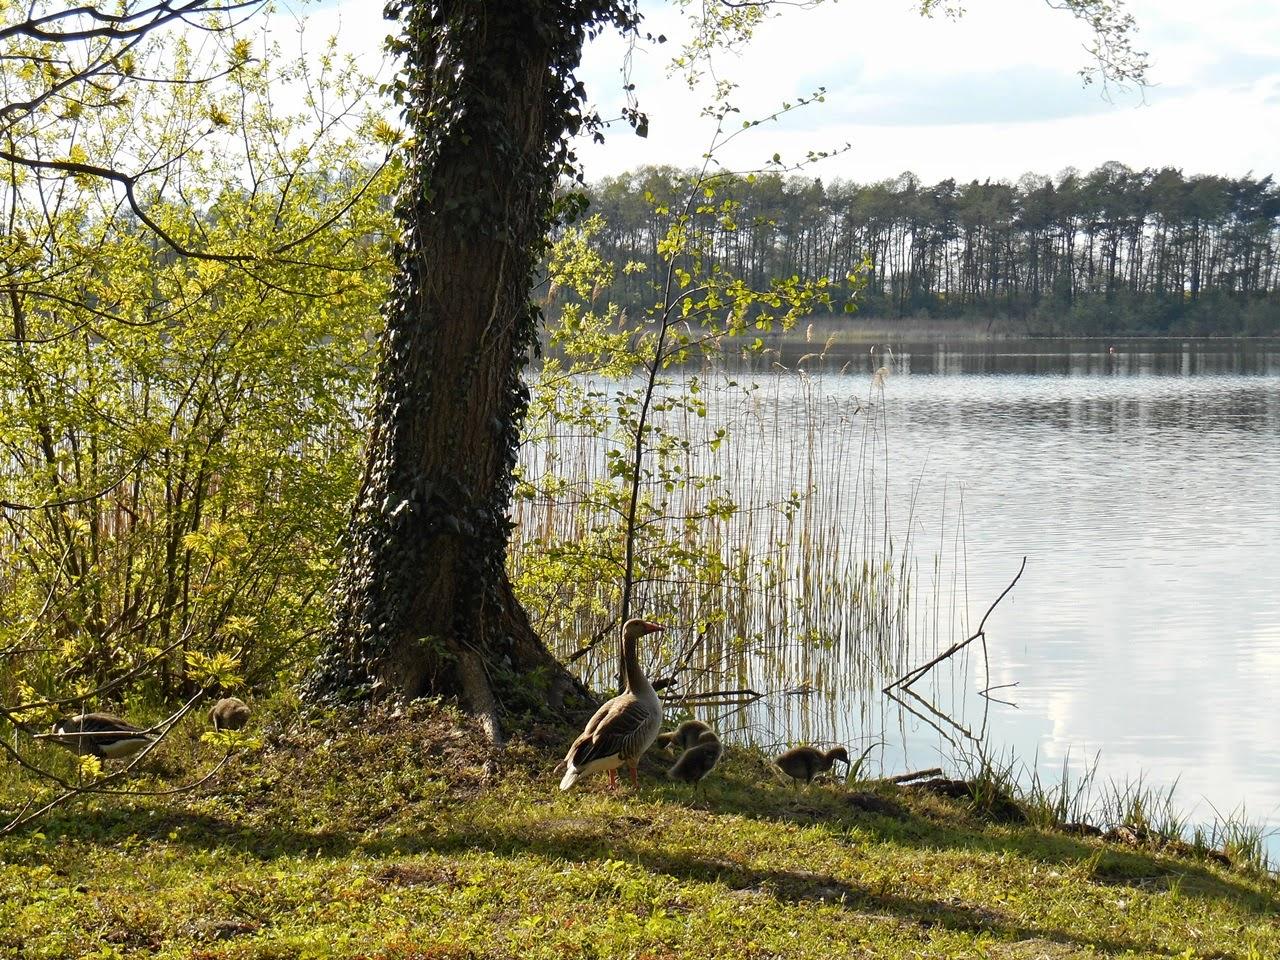 nad wodą, drzewo, jezioro, bluszcz